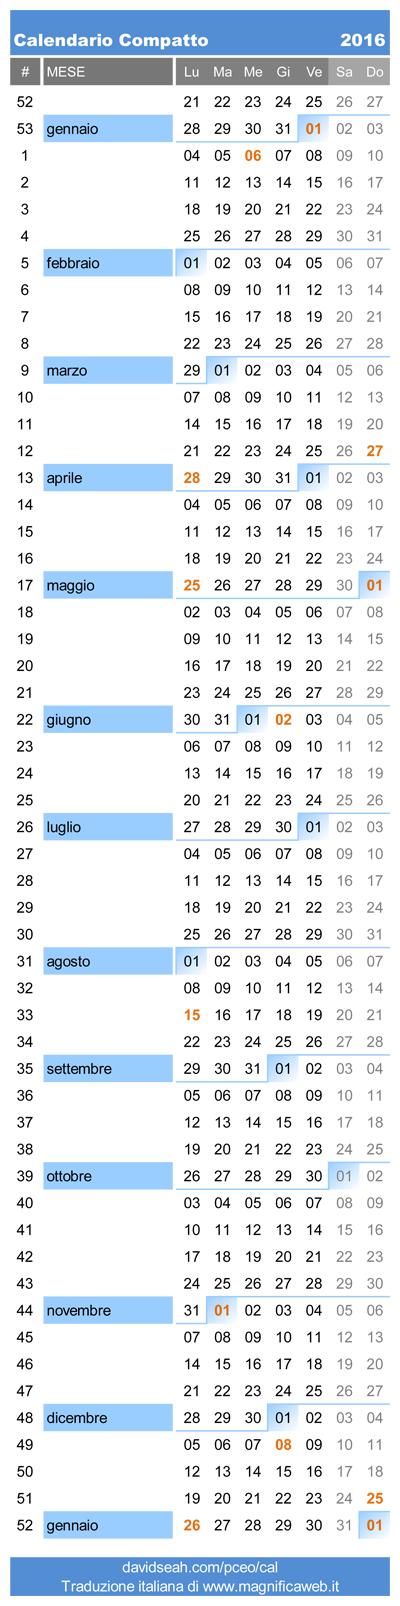 Calendar Excel Sia : Calendario compatto in italiano da stampare excel e pdf